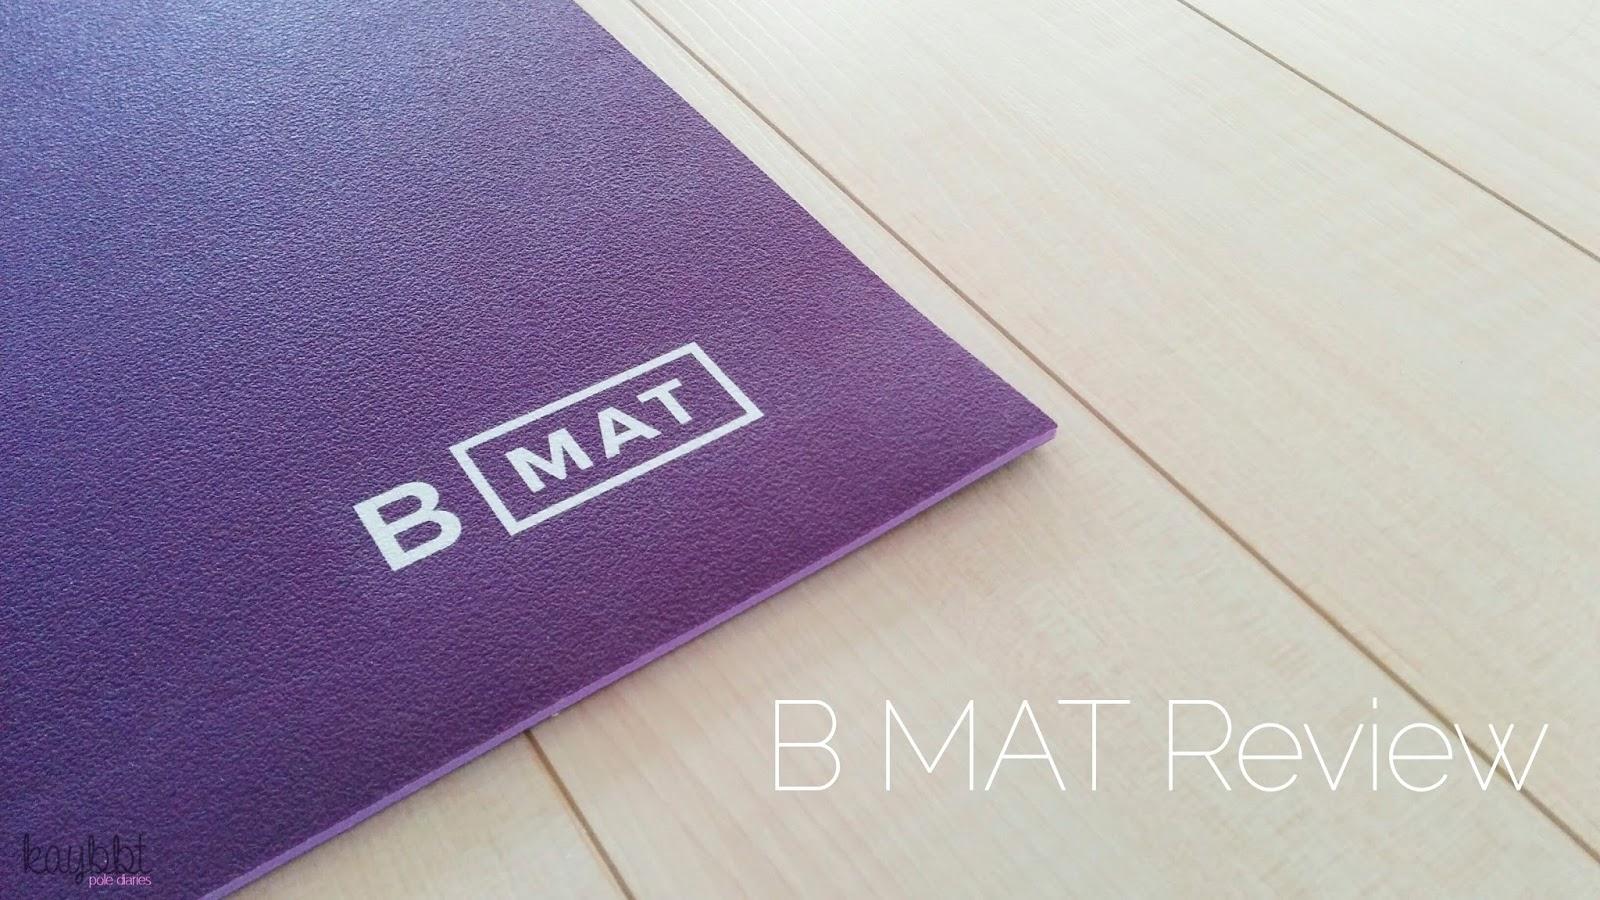 b yoga mat reviews